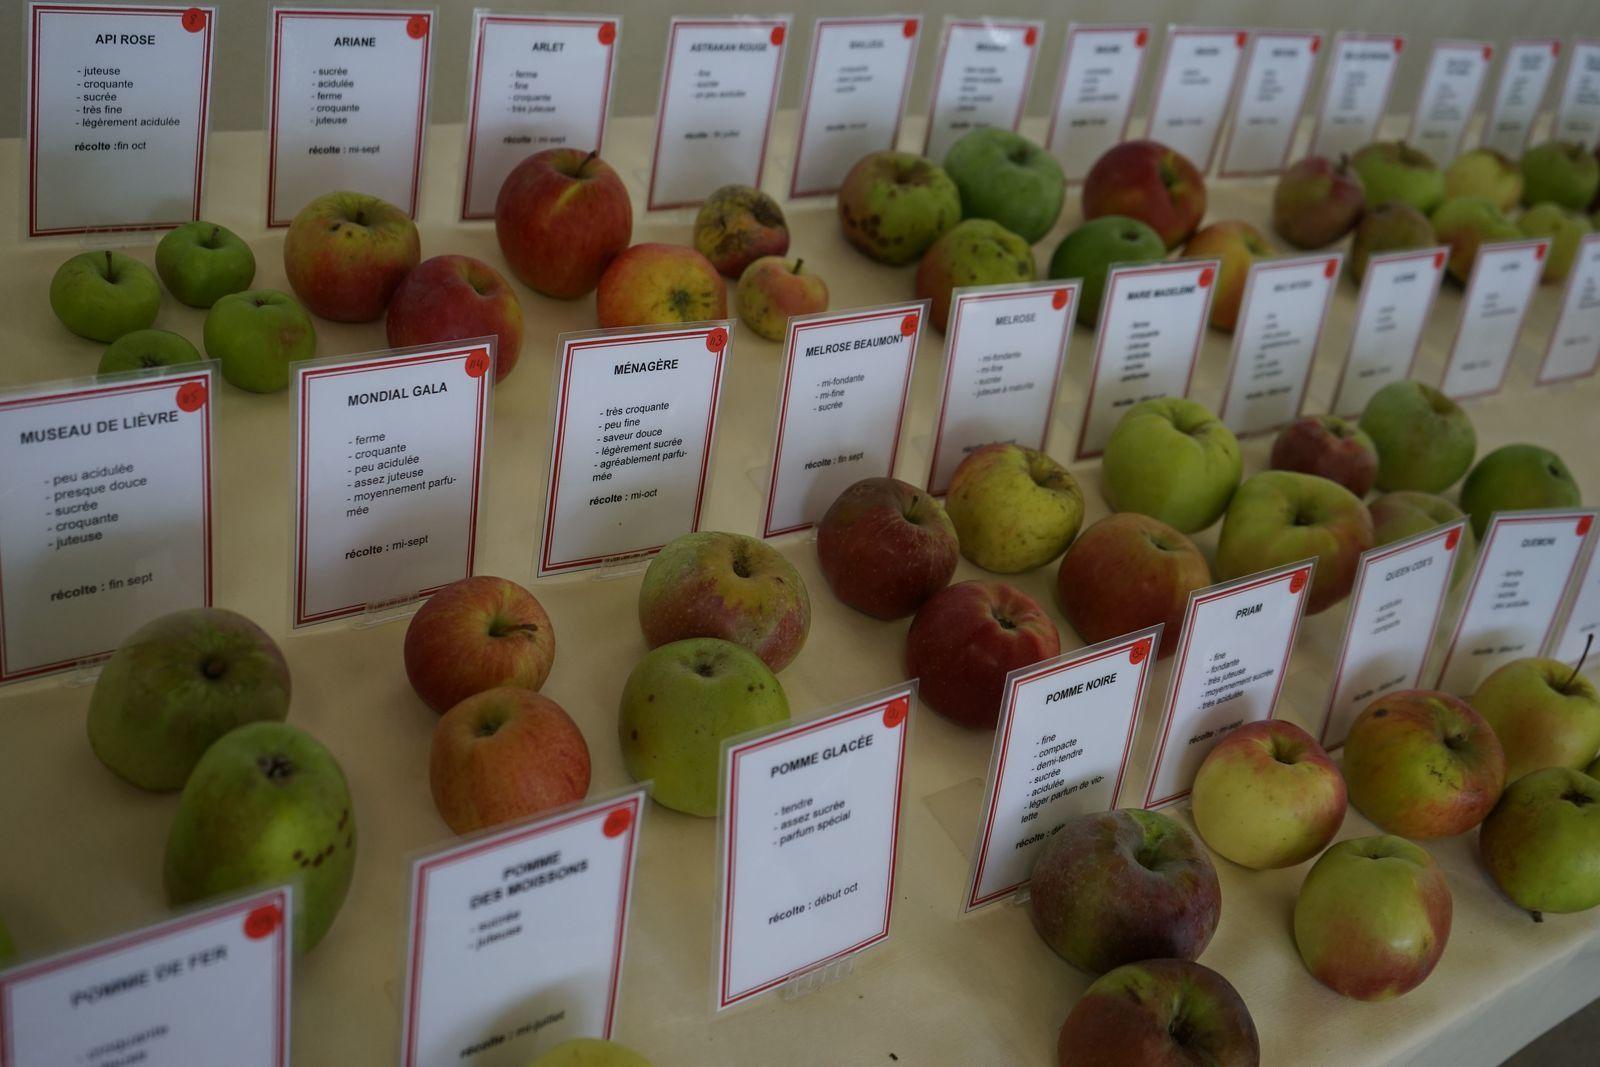 La salle de jus de pommes.